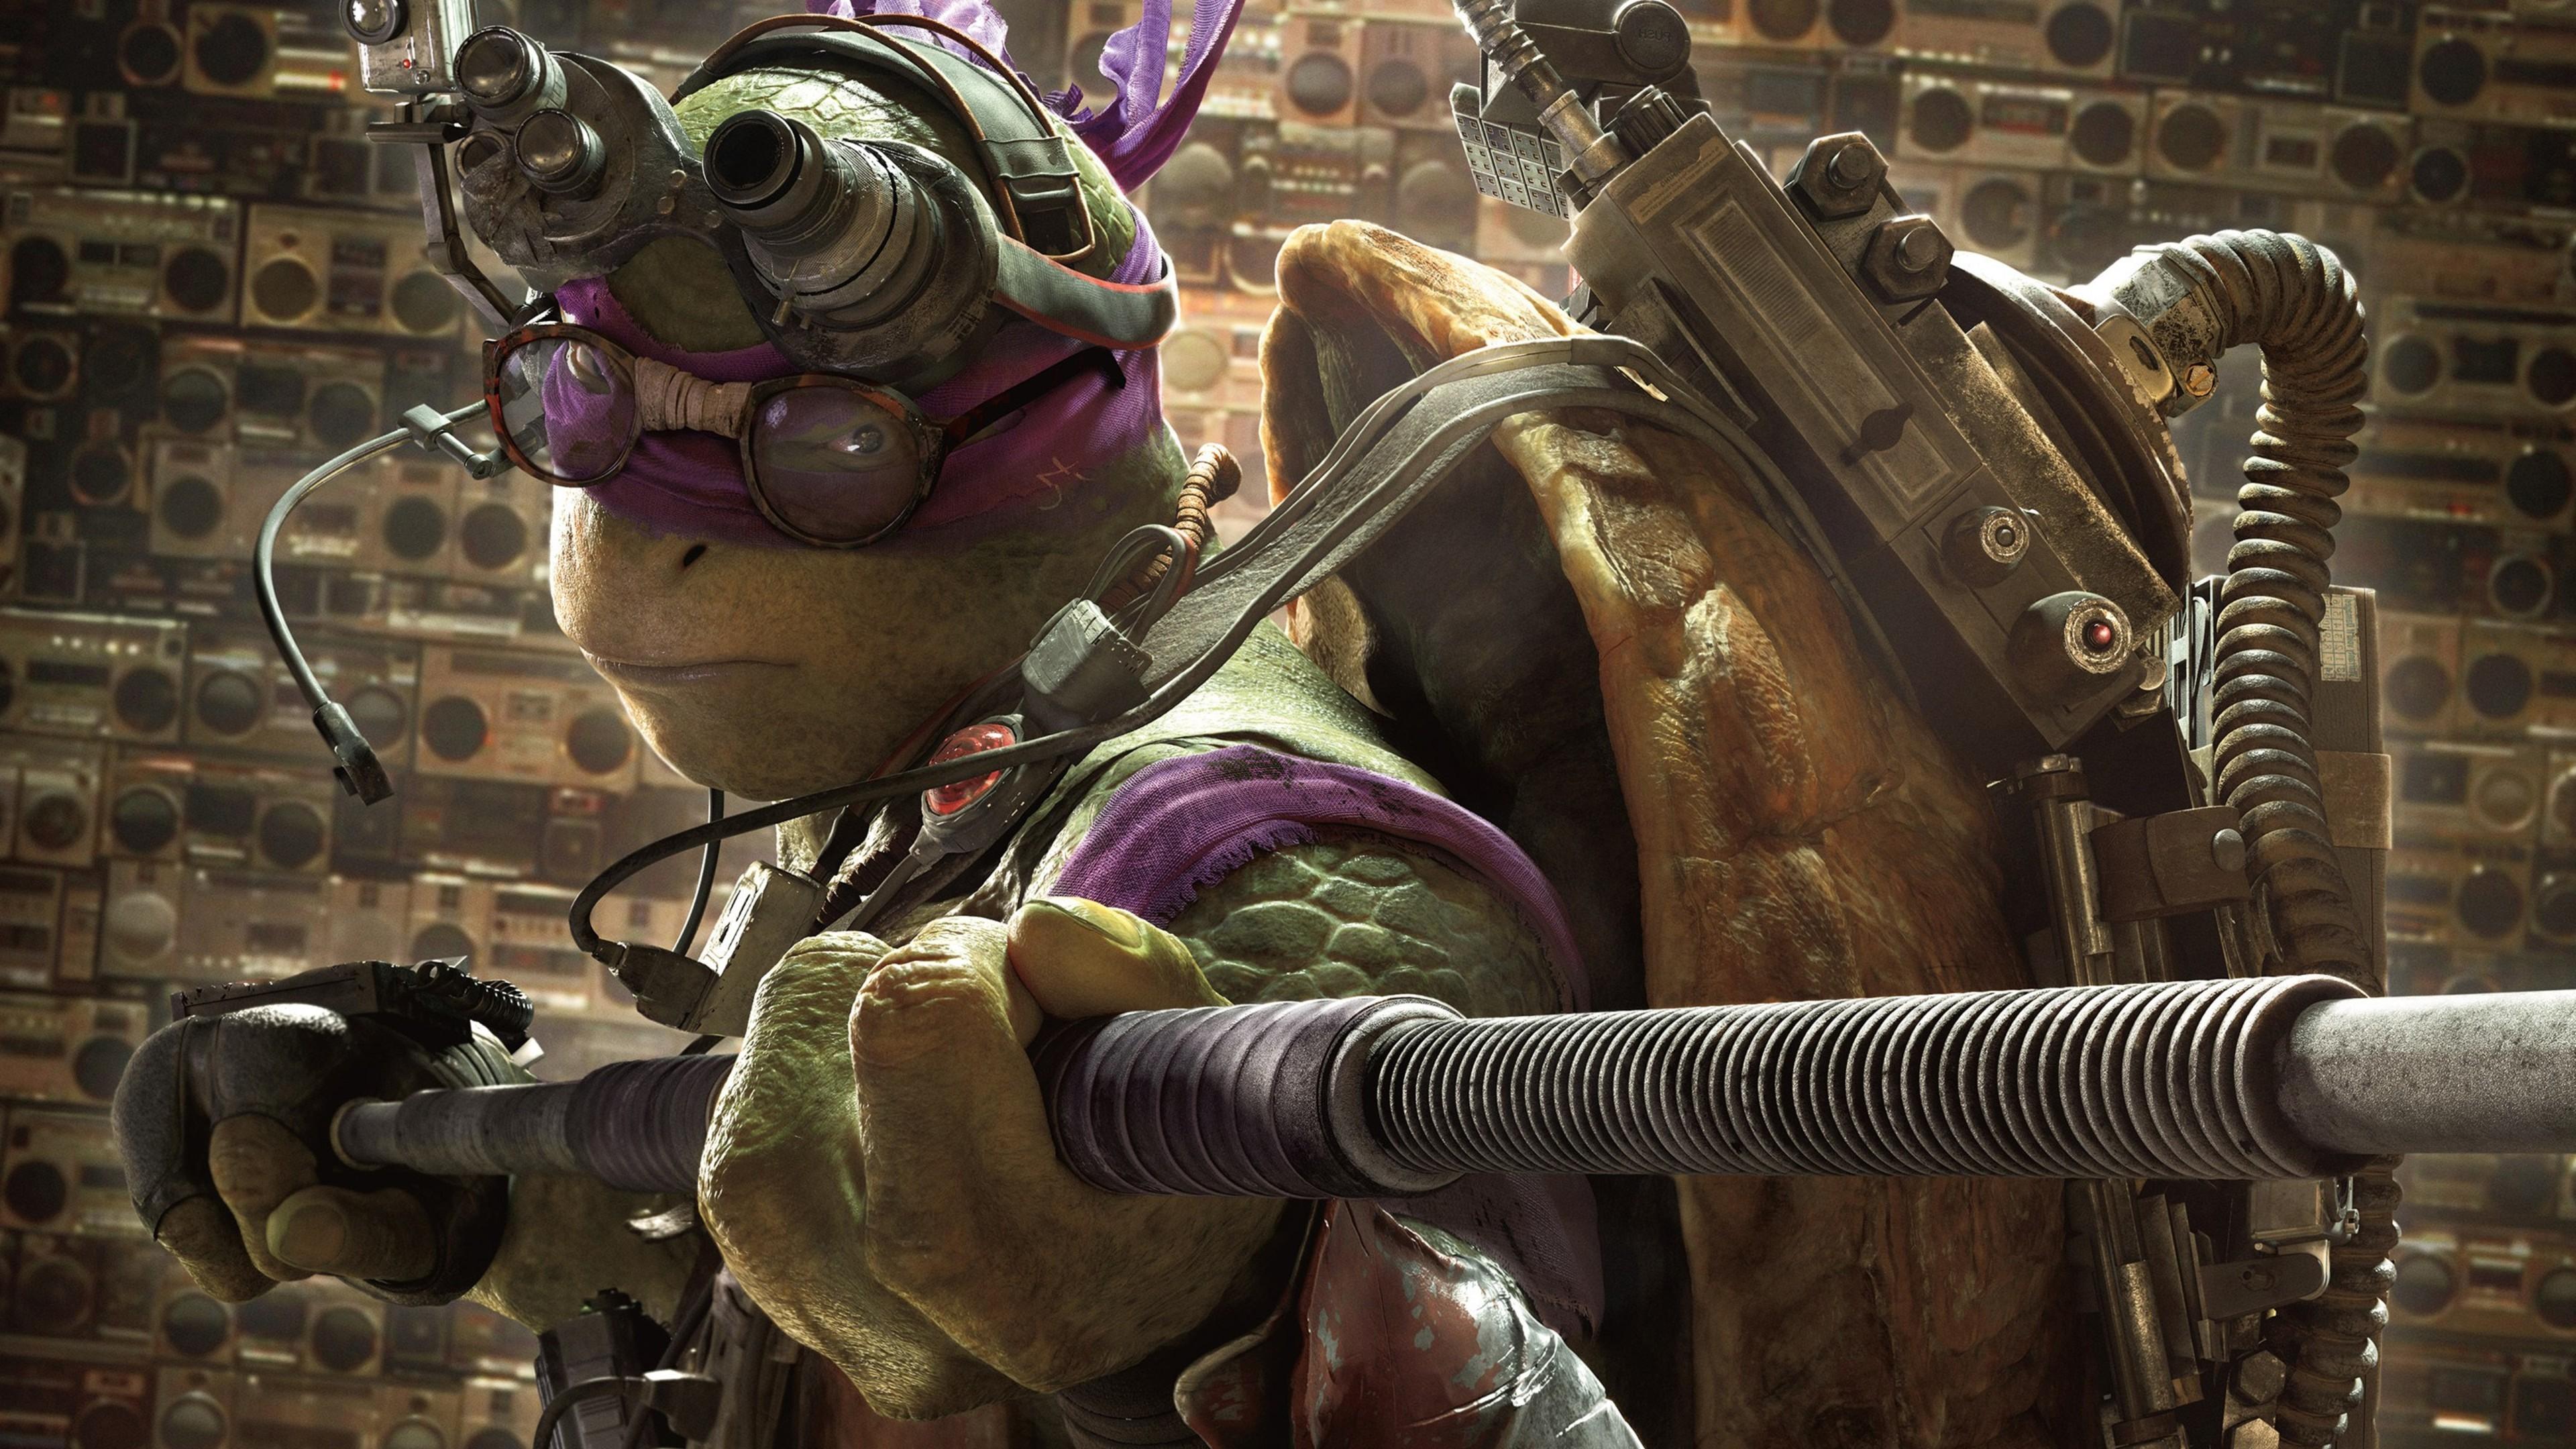 Res: 3840x2160, Donnie In Teenage Mutant Ninja Turtles